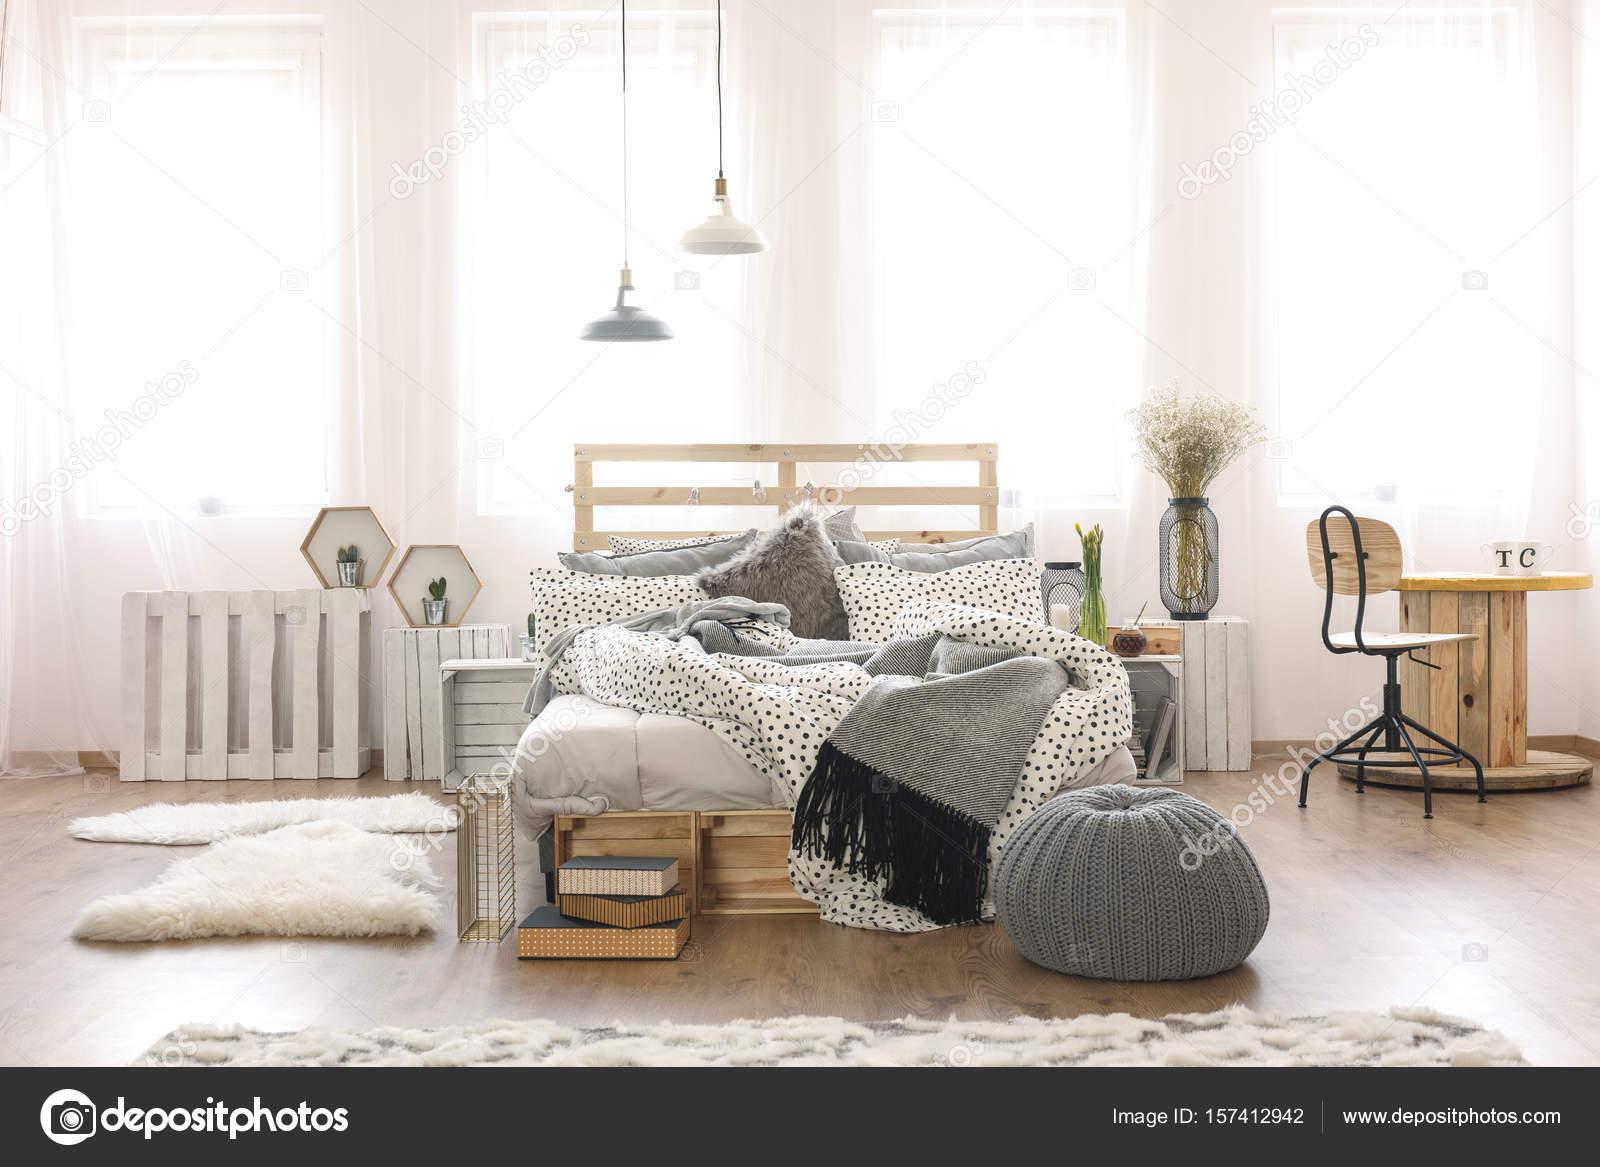 Letto Di Pallets : Appartamento con letto di pallet u foto stock photographee eu